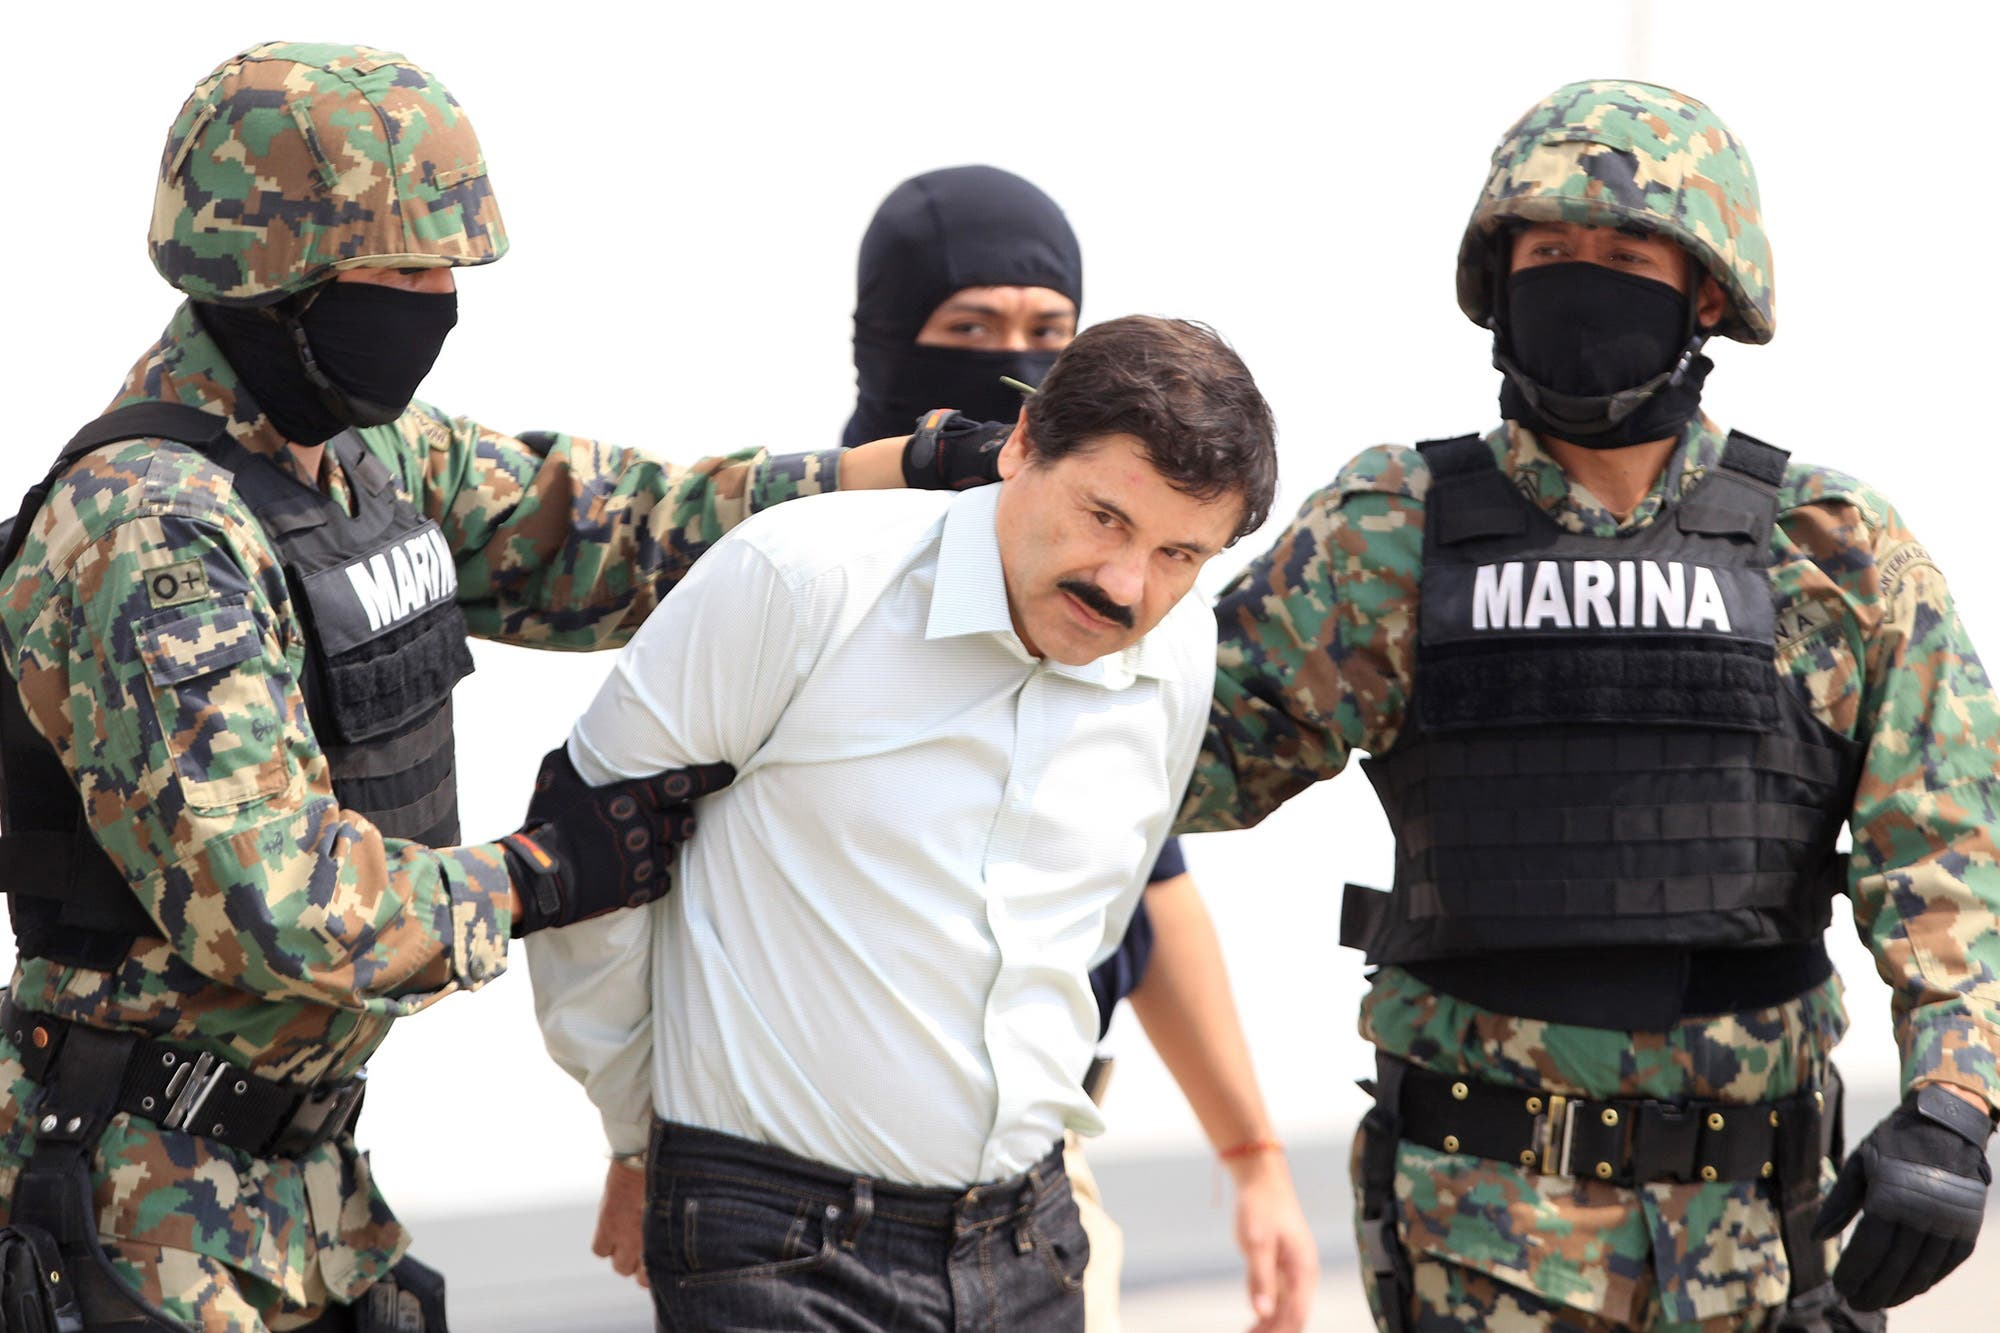 """Narcovalijas: un testigo en el juicio de """"el Chapo"""" Guzmán dijo que se envió cocaína de la Argentina a México"""